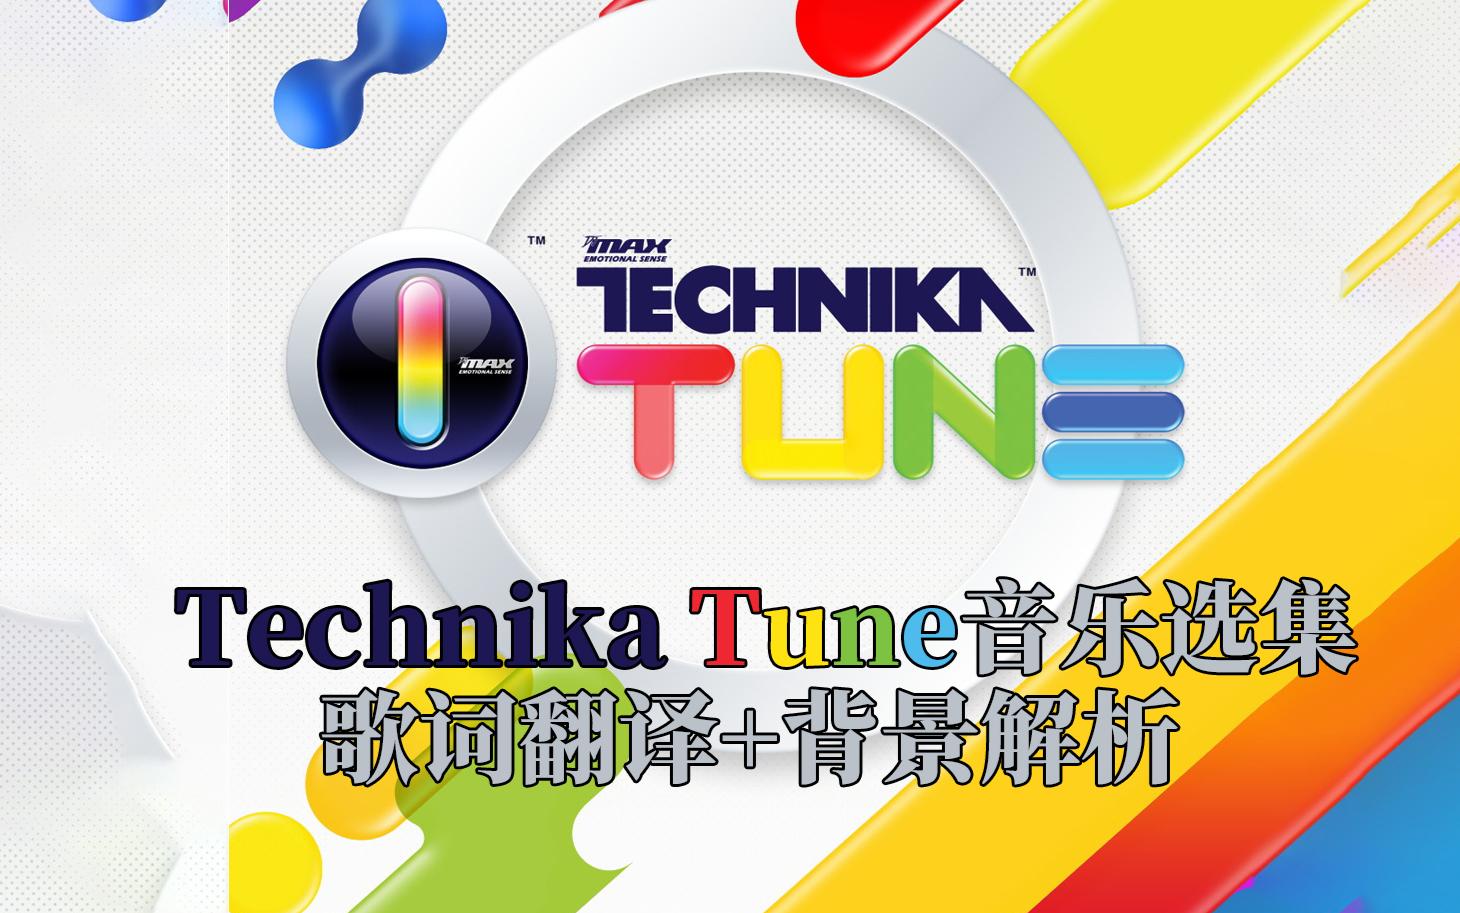 【中字】DJMAX Technika Tune 音乐选集